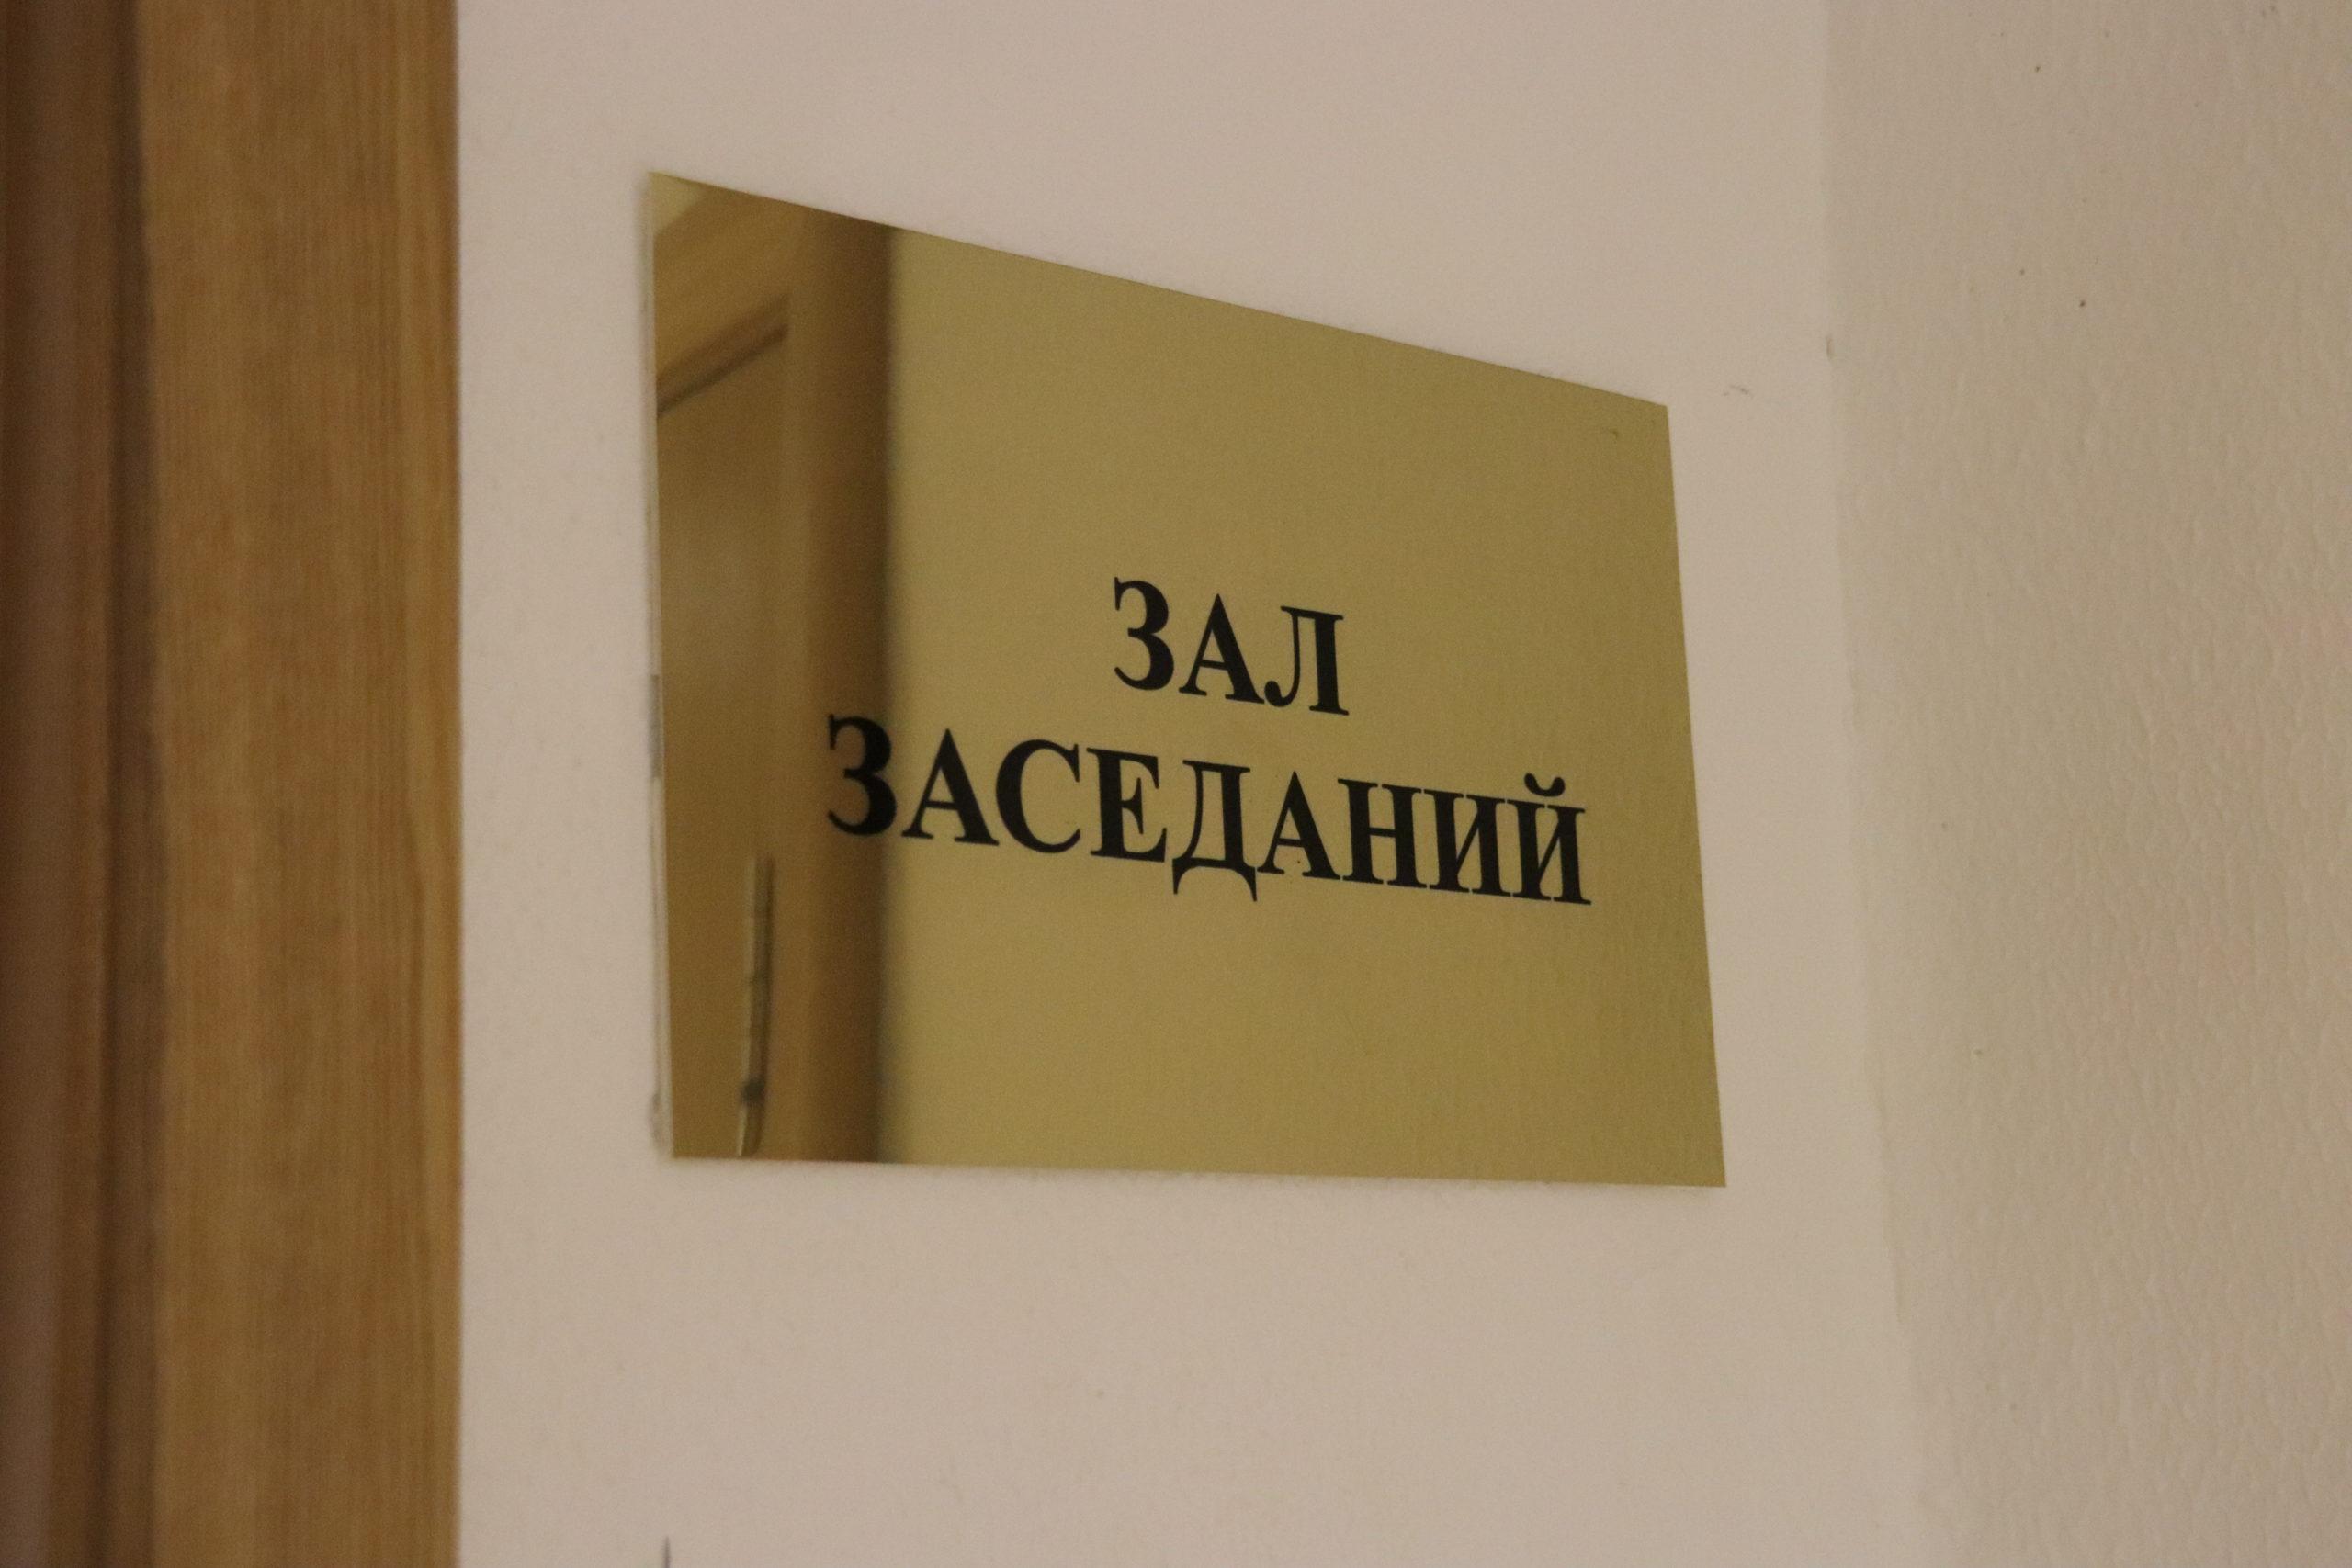 Даниловский-новость- зал заседаний